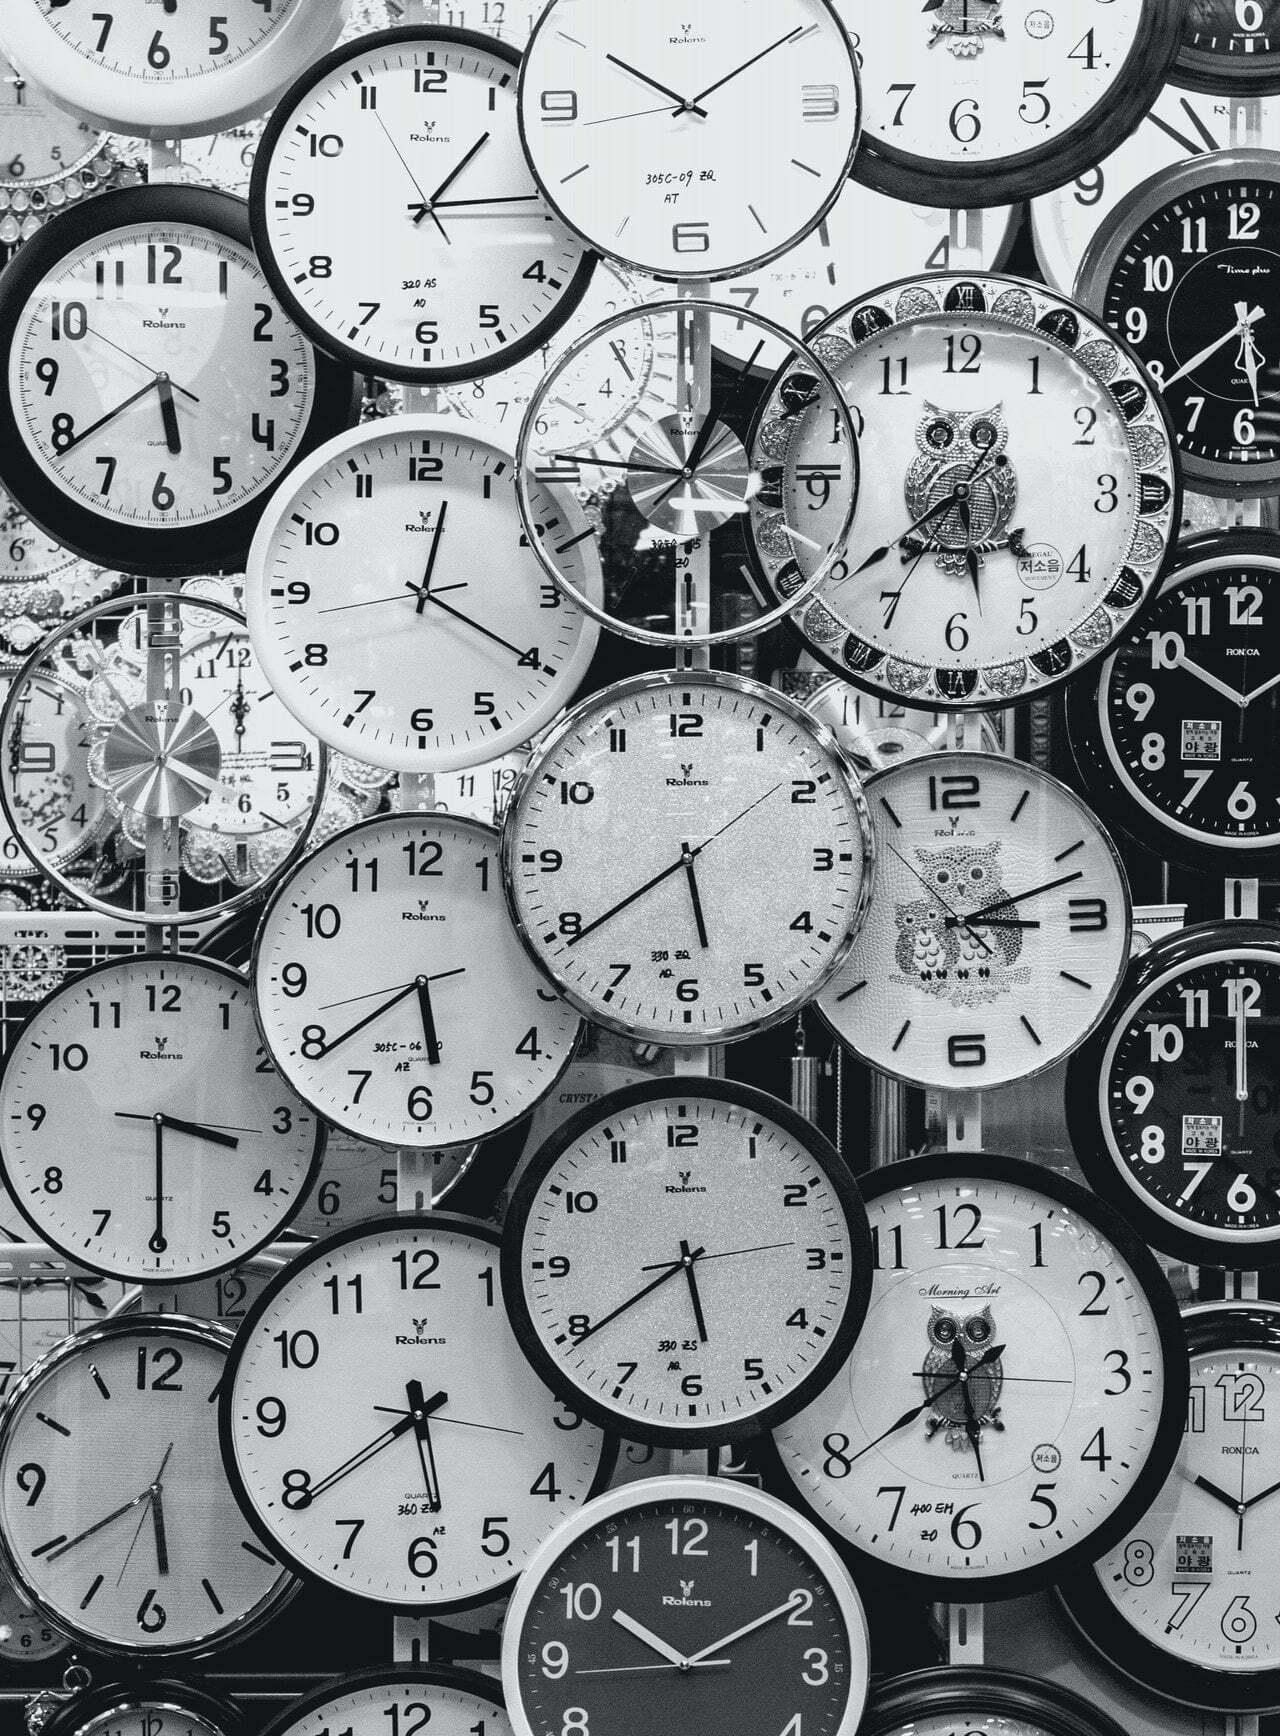 10 cách cải thiện kỹ năng quản lý thời gian của bạn 3